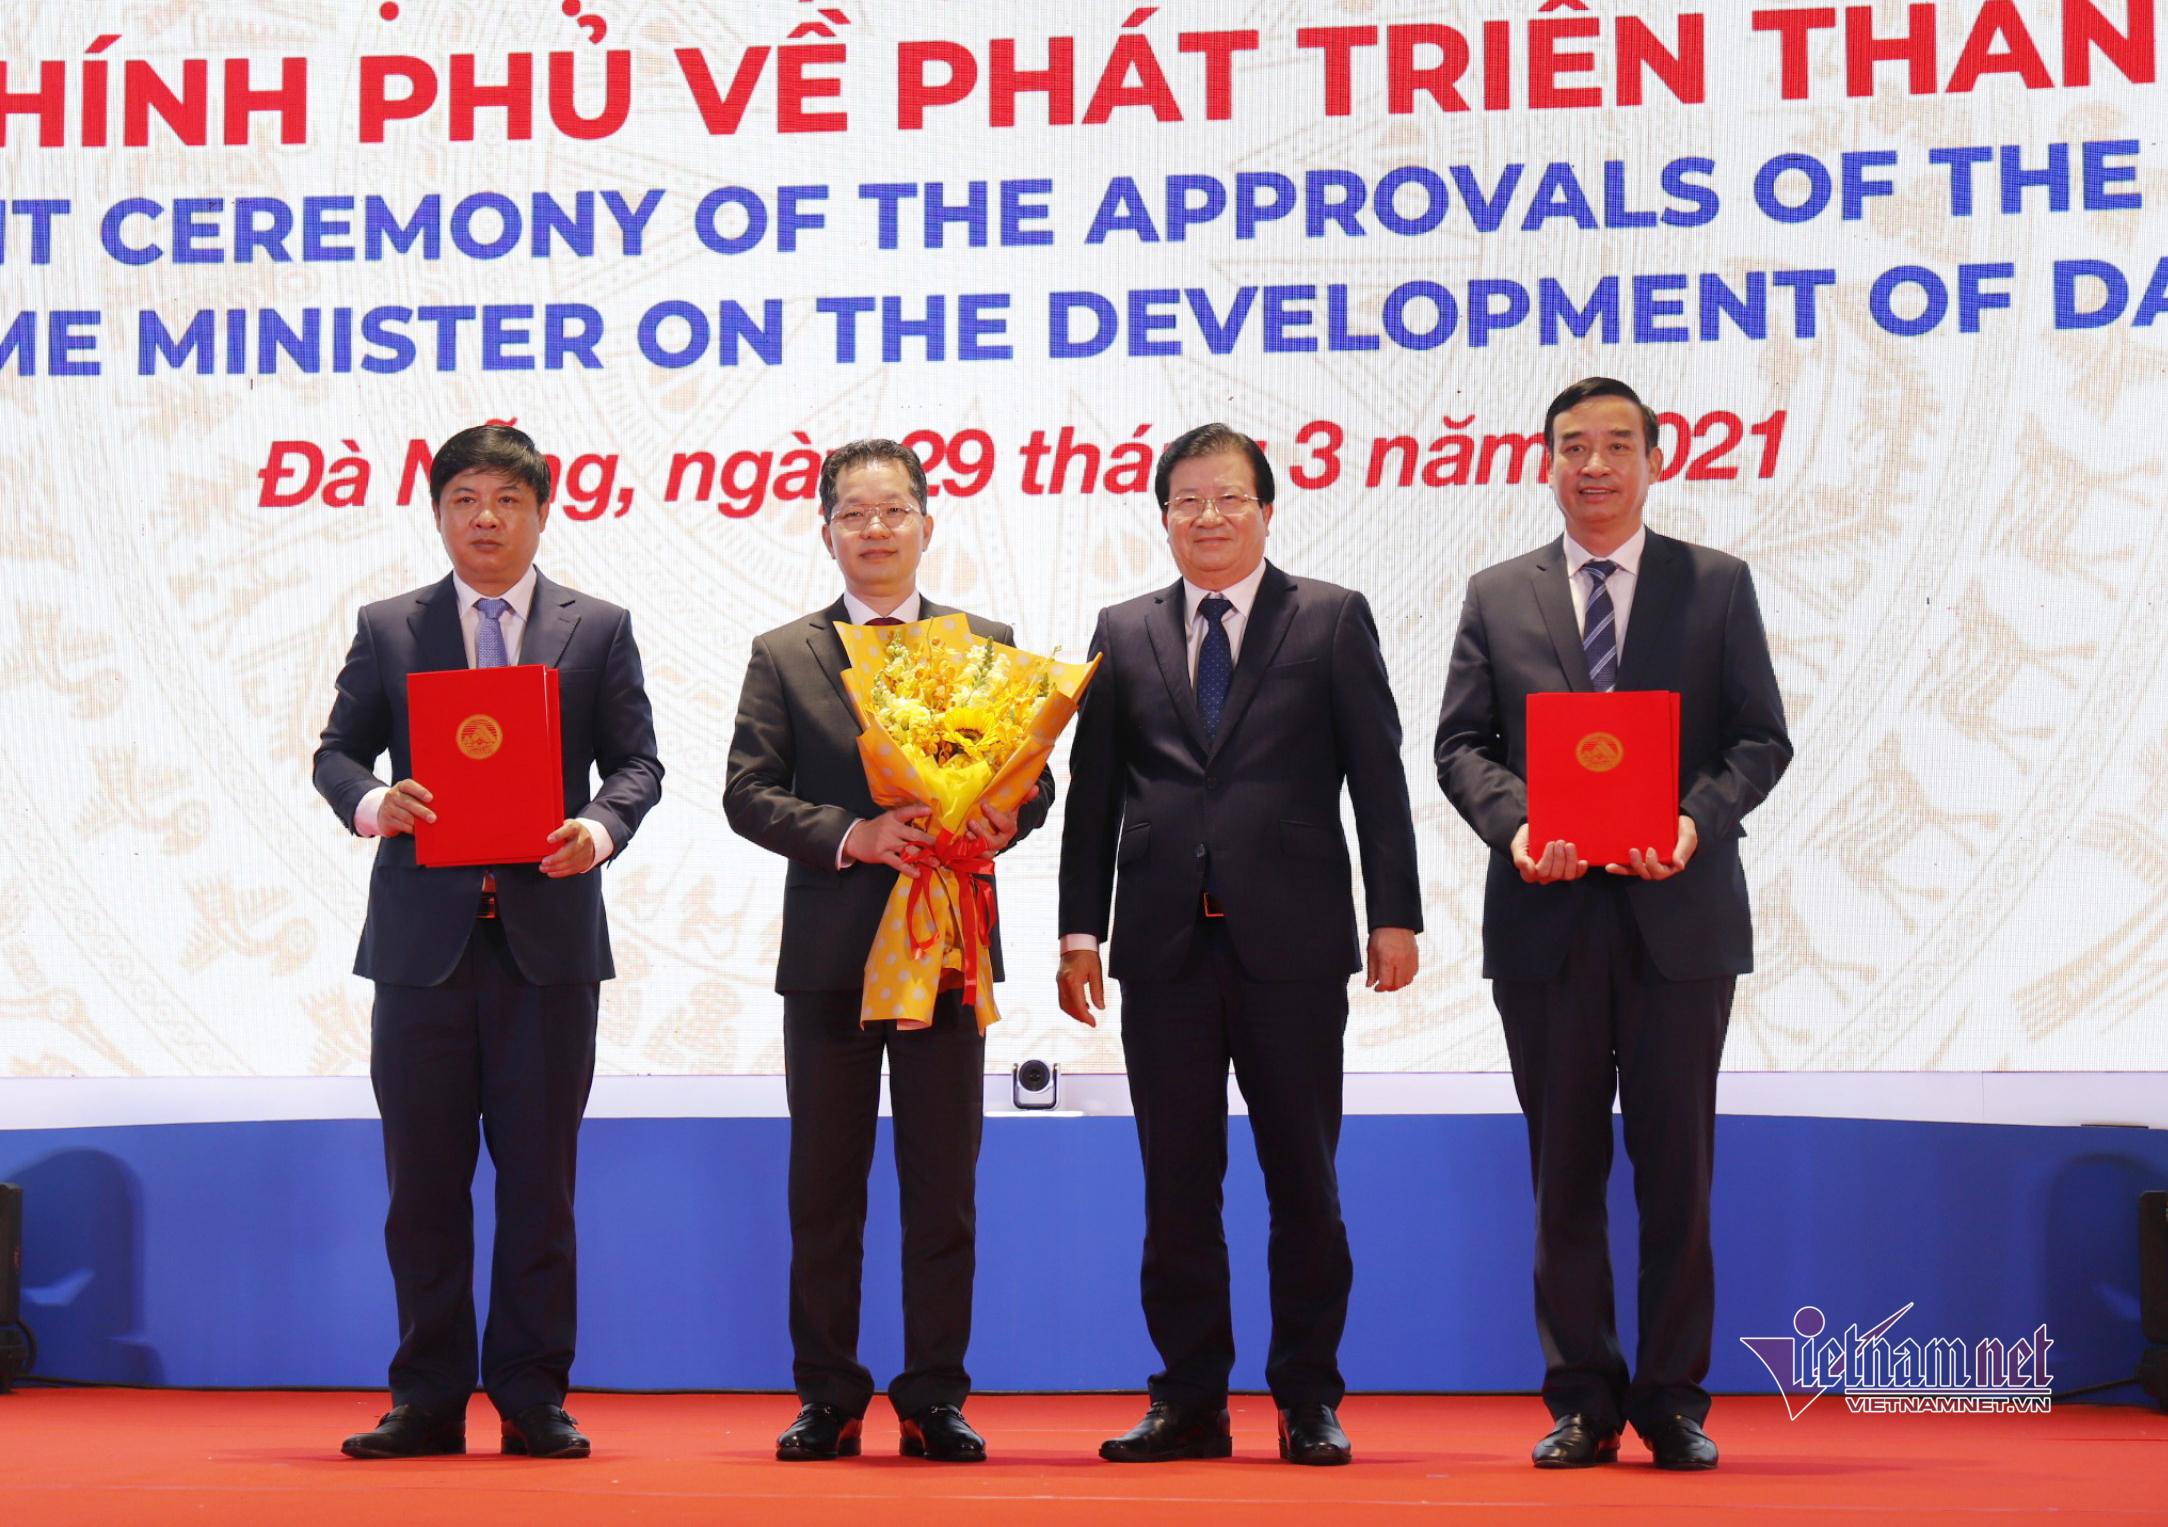 Chủ tịch Đà Nẵng: 'Chúng tôi sẽ nỗ lực để trở thành nơi bạn hài lòng nhất'